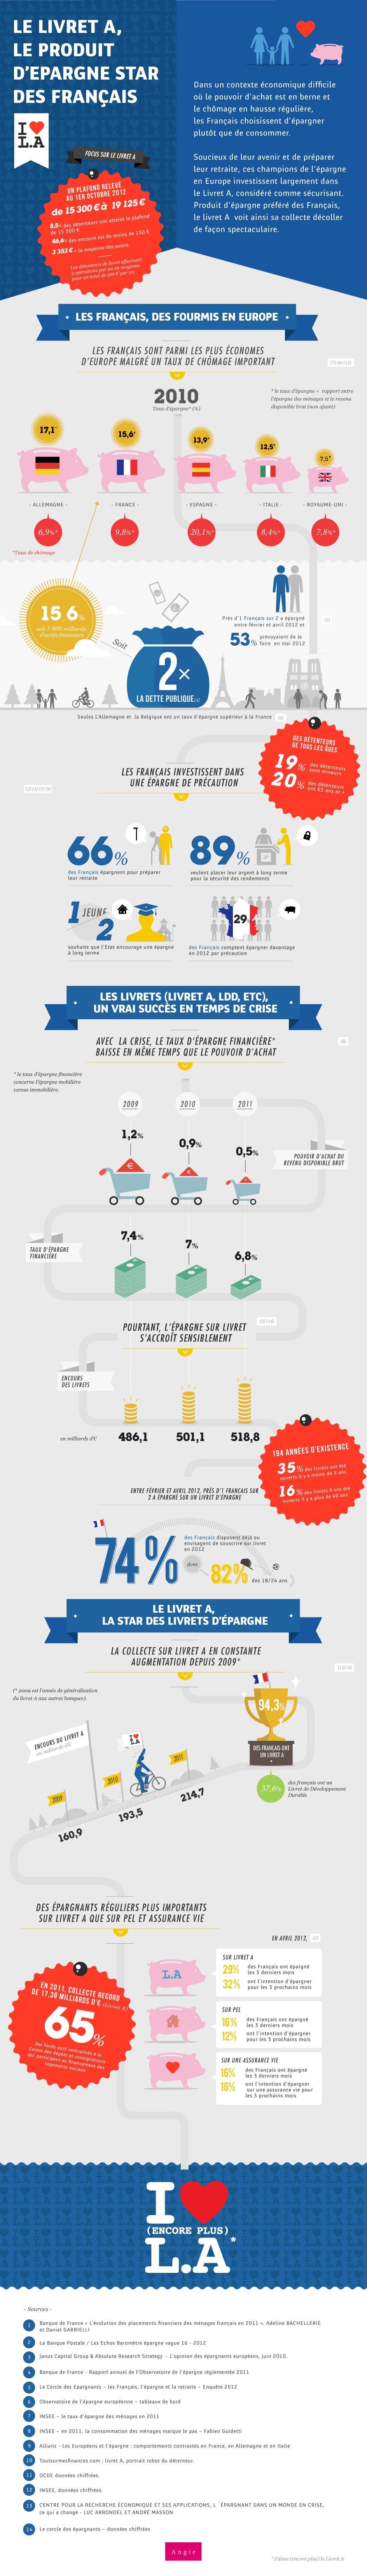 La Banque Postale loves le Livret A ! - Marketing Banque